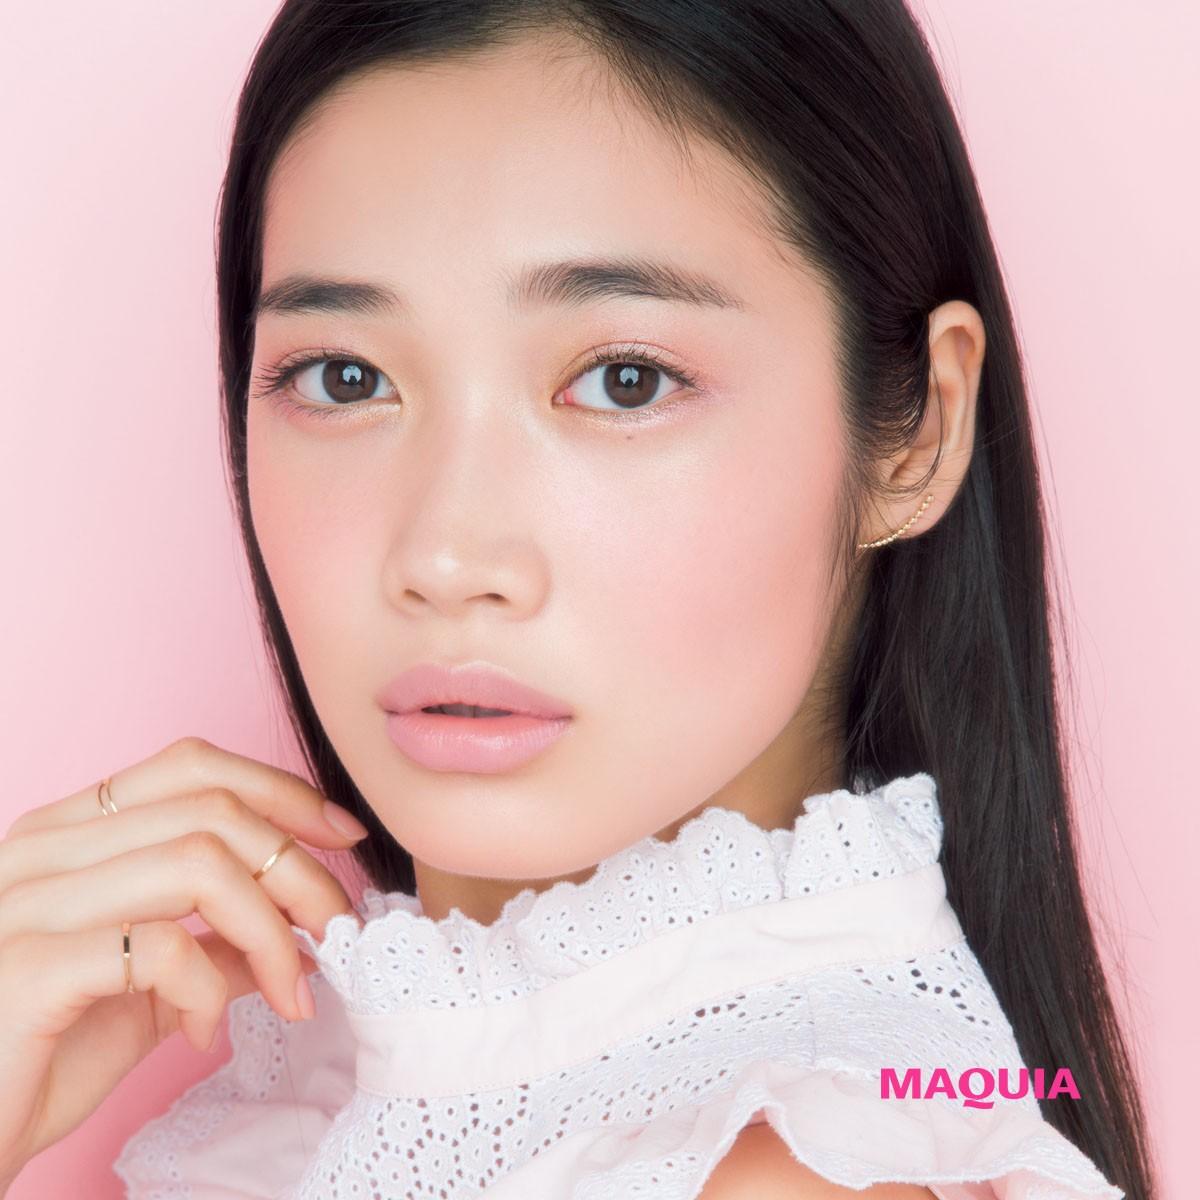 大人のためのピンクメイク♡  遊びのイエロー&質感チェンジがアカ抜けポイント!